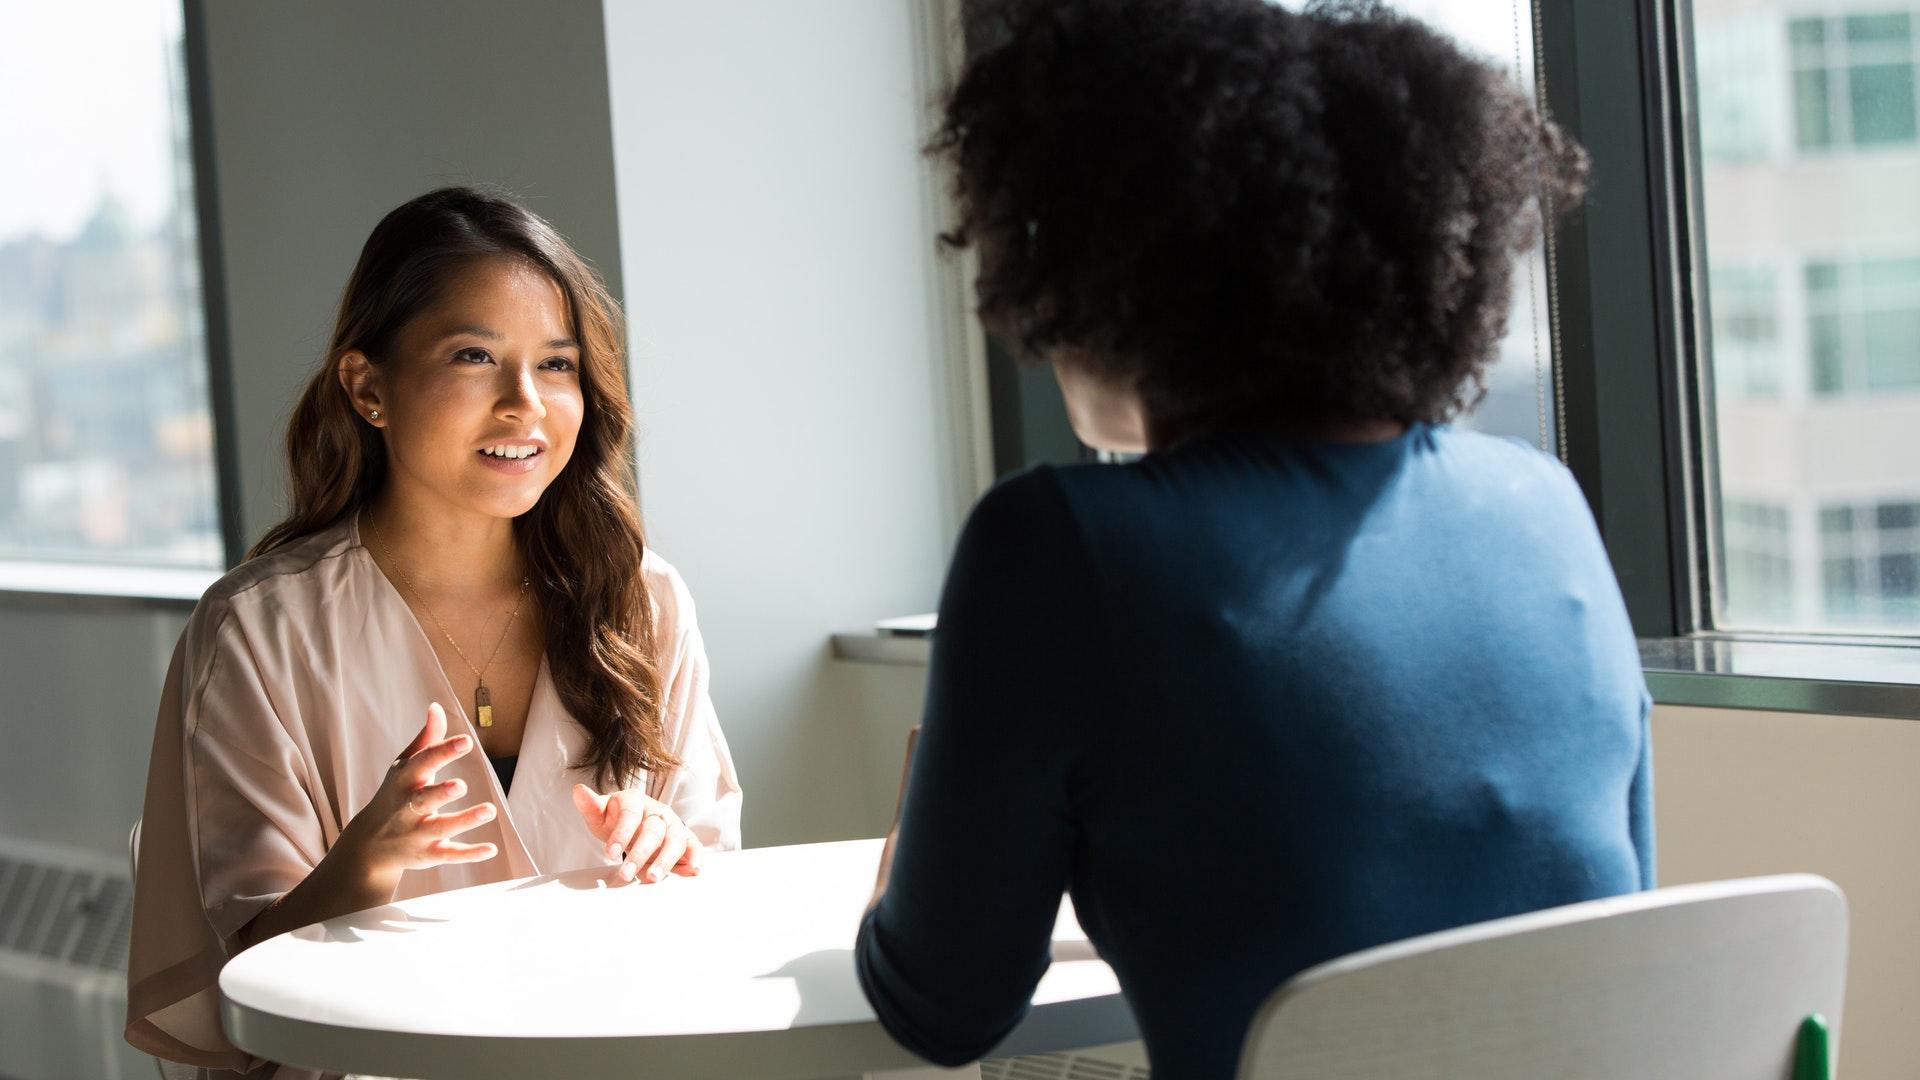 溝通是為了肯定自己,觸動他人